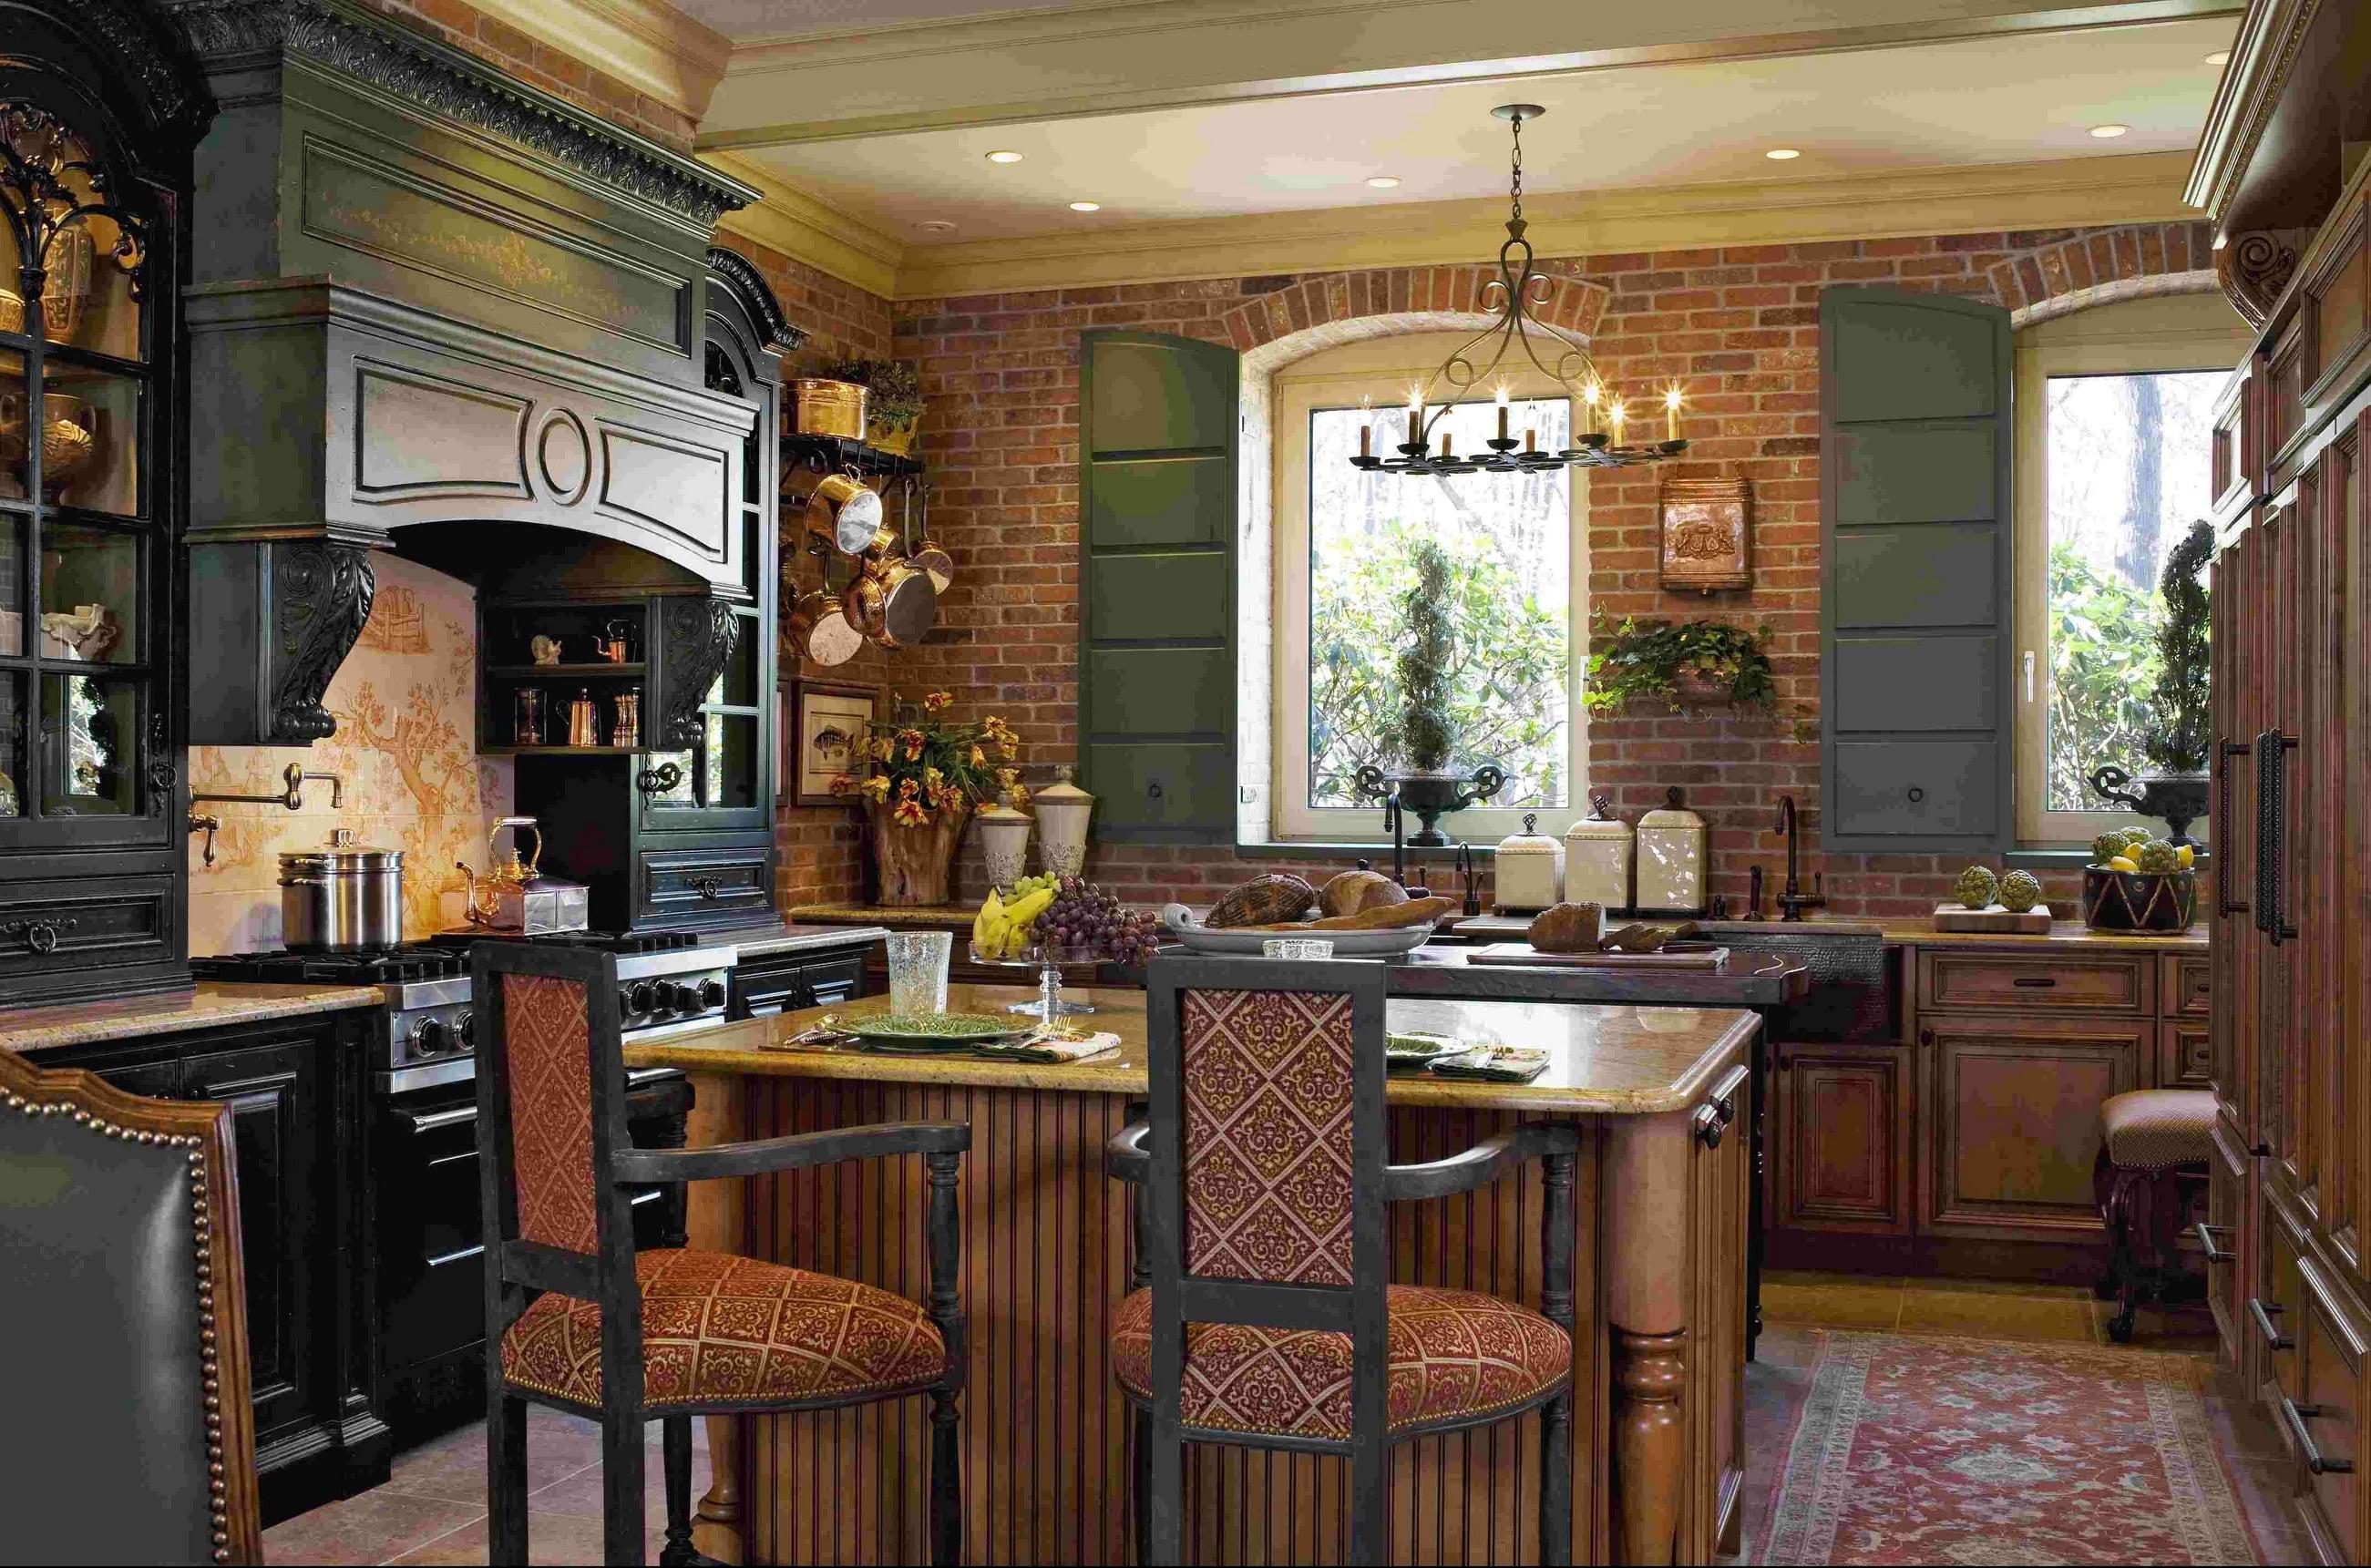 deco-cuisine-francaise-de-luxe-avec-peinture-couleur-audacieuse-et-mobilier-de-cuisine-classique